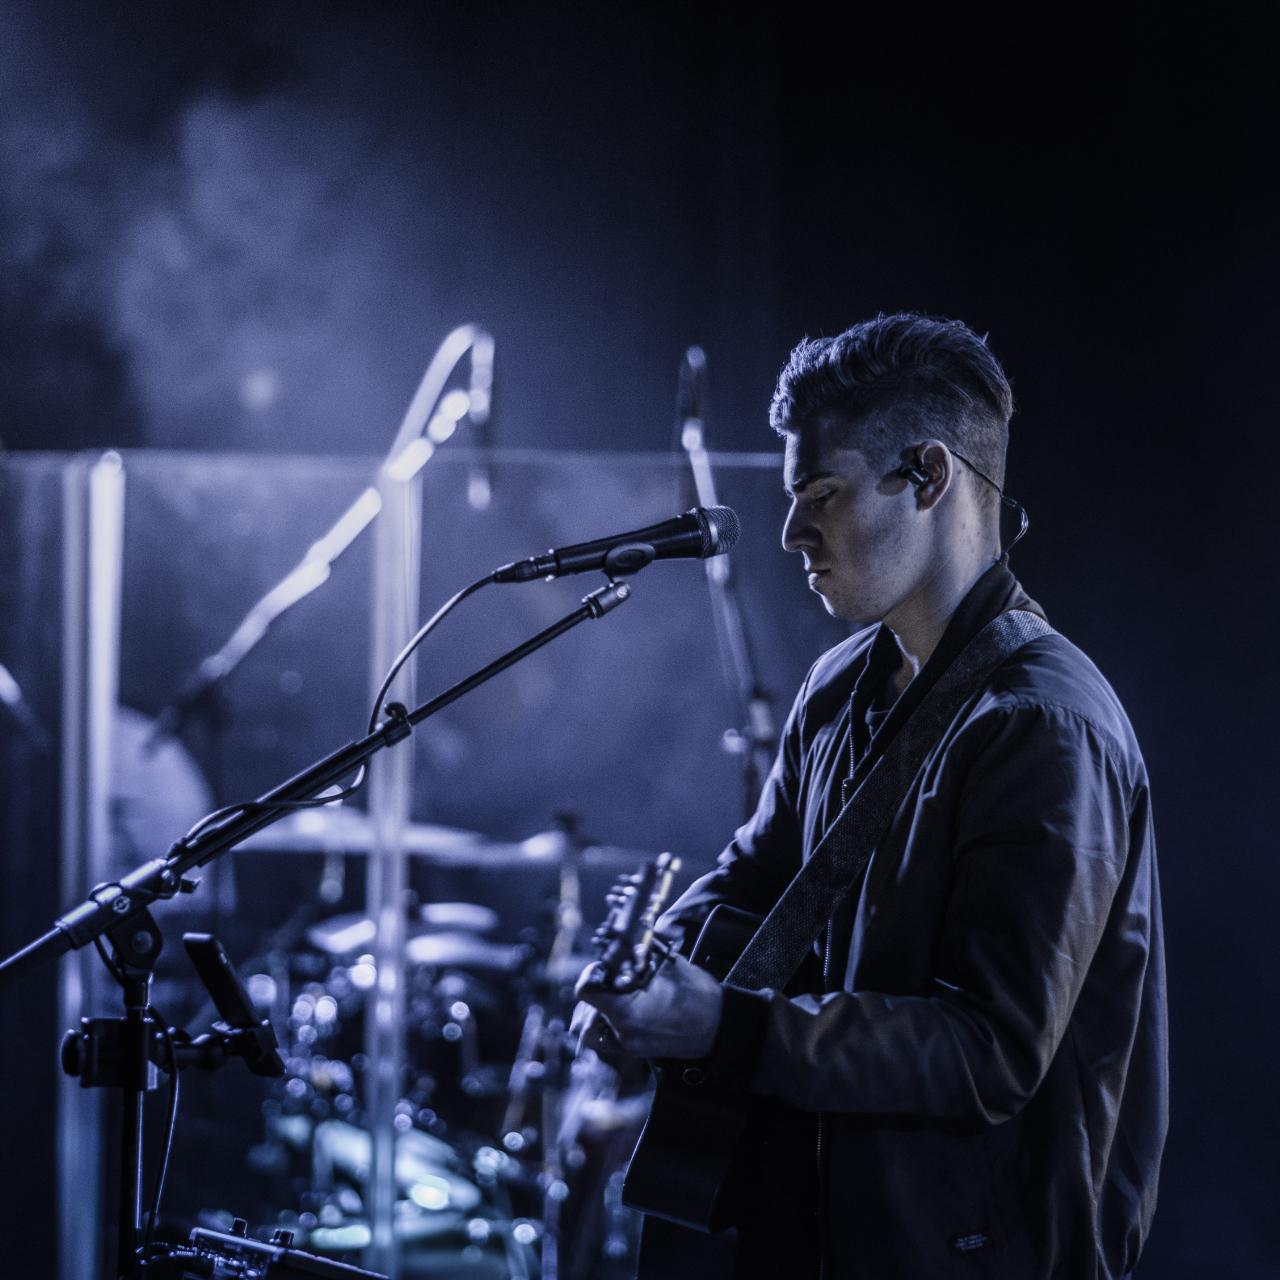 Gitarrenspieler in blauem Licht